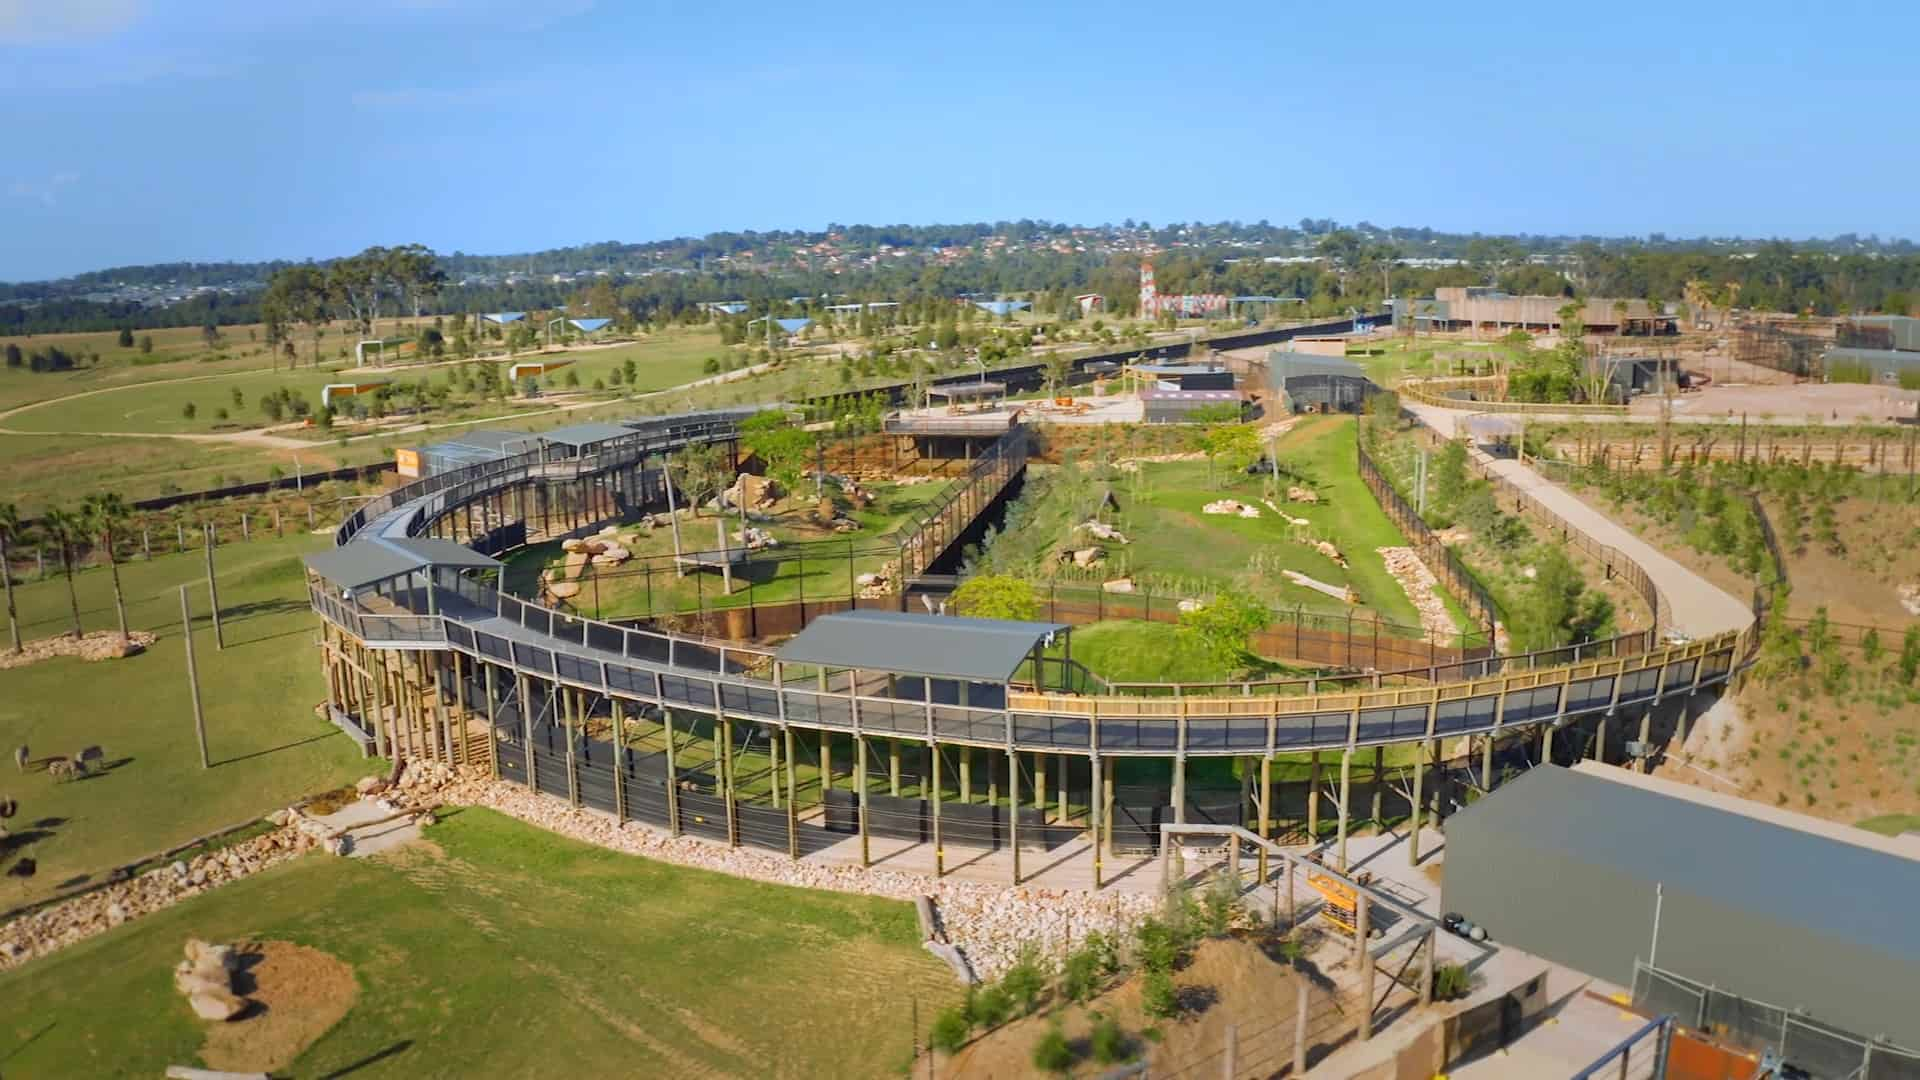 Sydney Zoo aerial walkway image